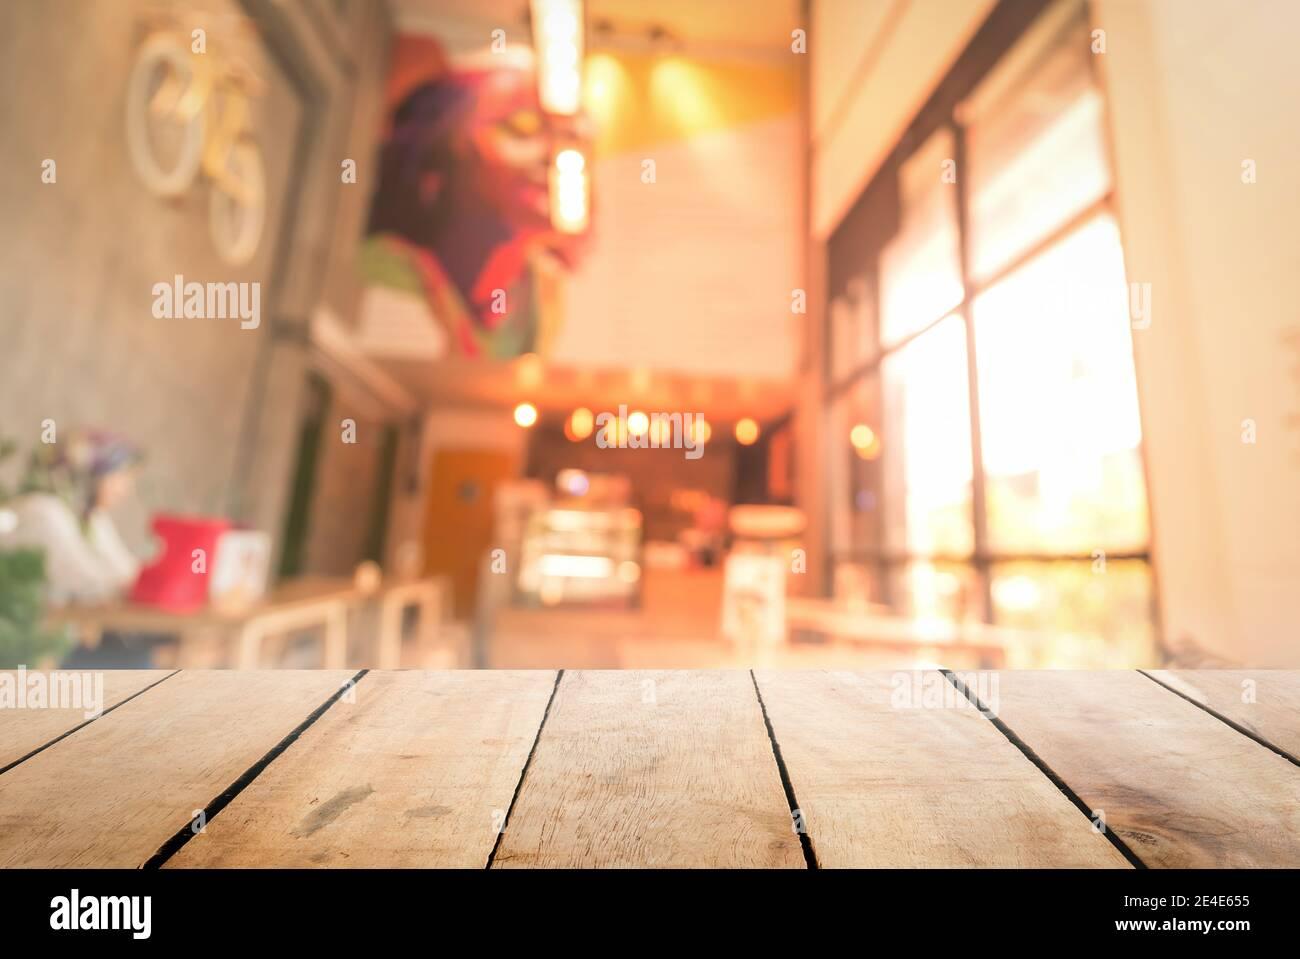 Abstrait magnifique flou de fond de boutique. Banque D'Images